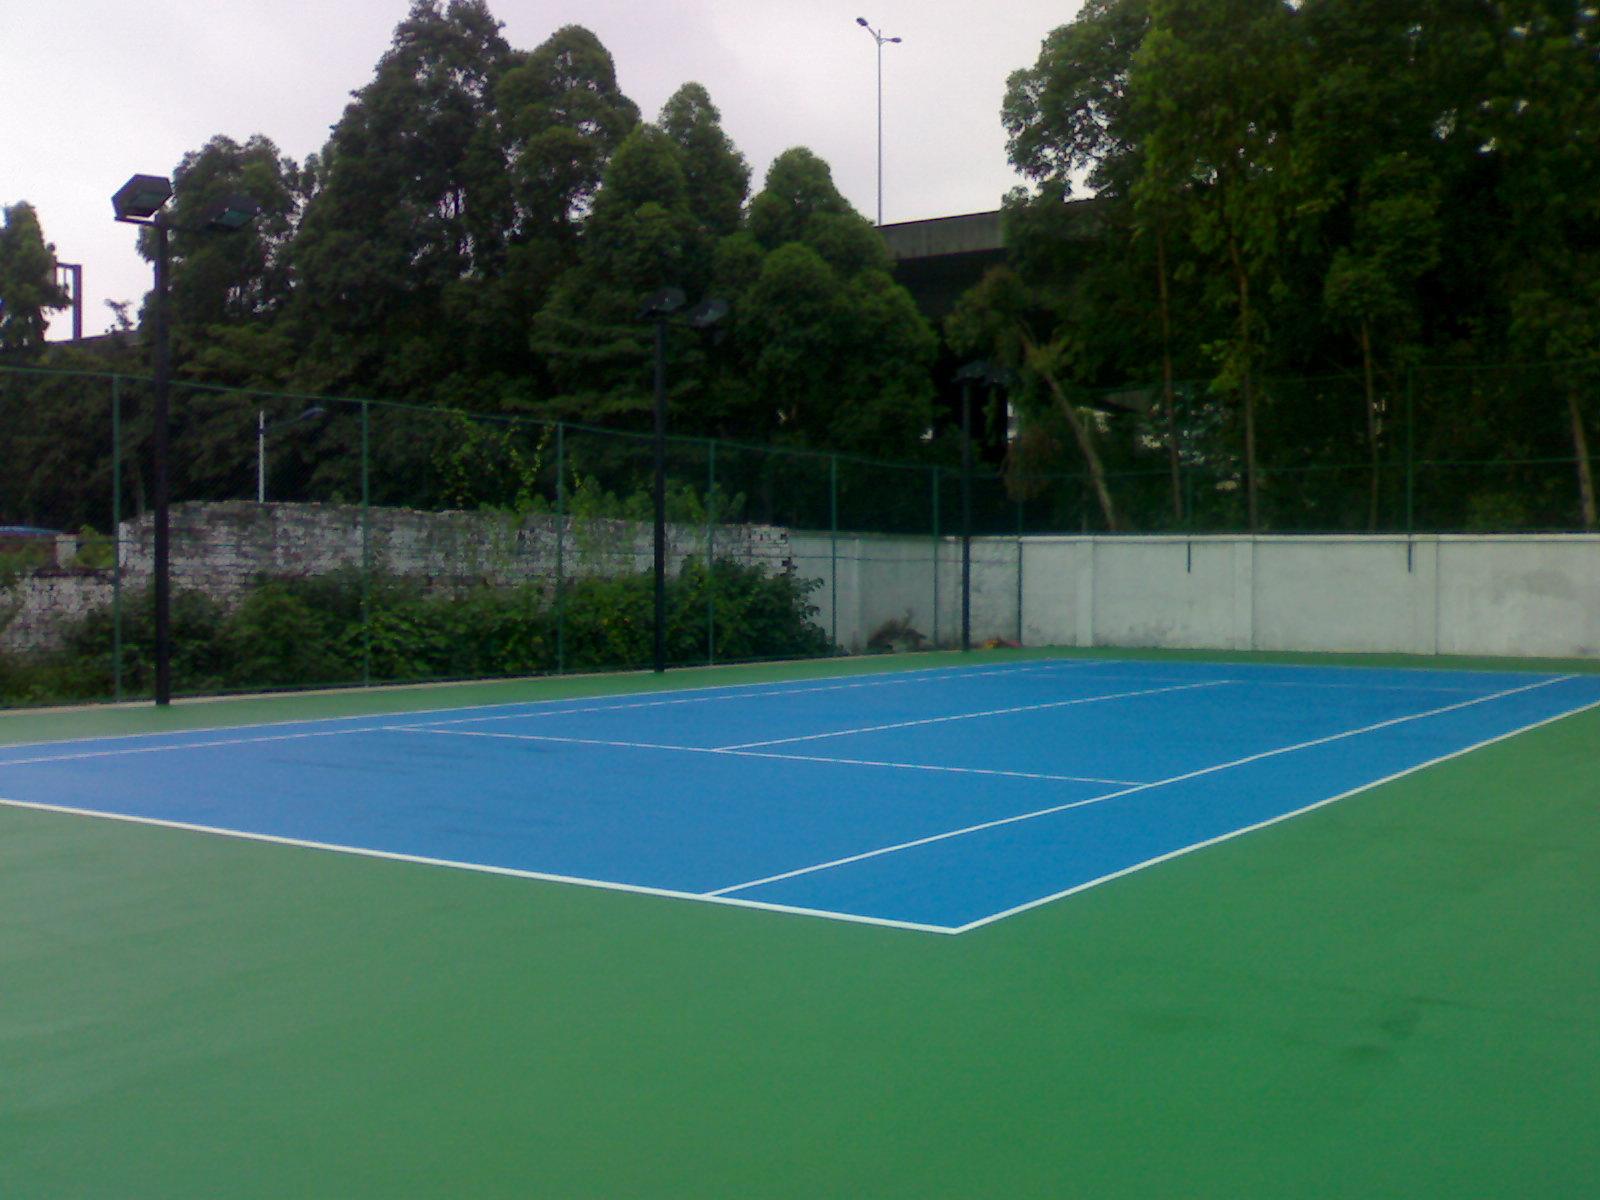 弹性丙烯酸球场材料篮球场网球场羽毛球场面层涂料塑胶地面球场